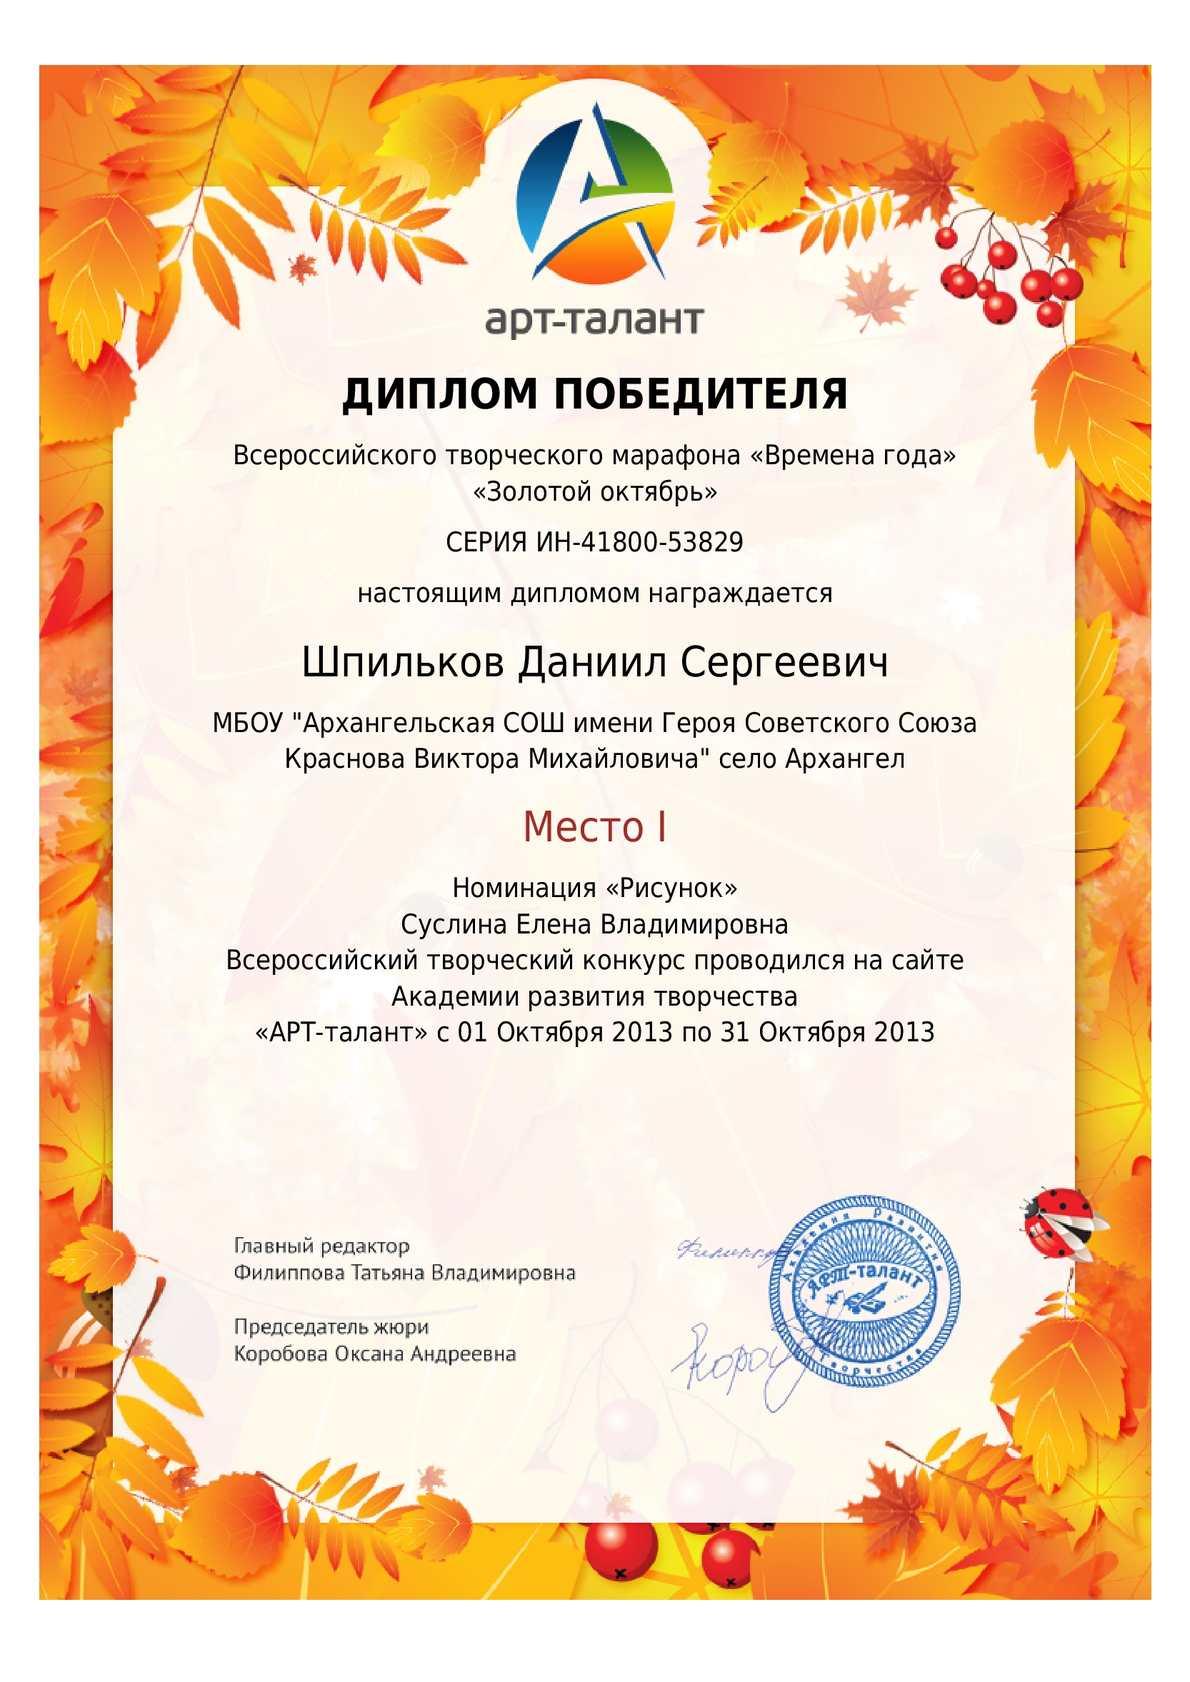 Арт талант конкурс для педагогов и детей